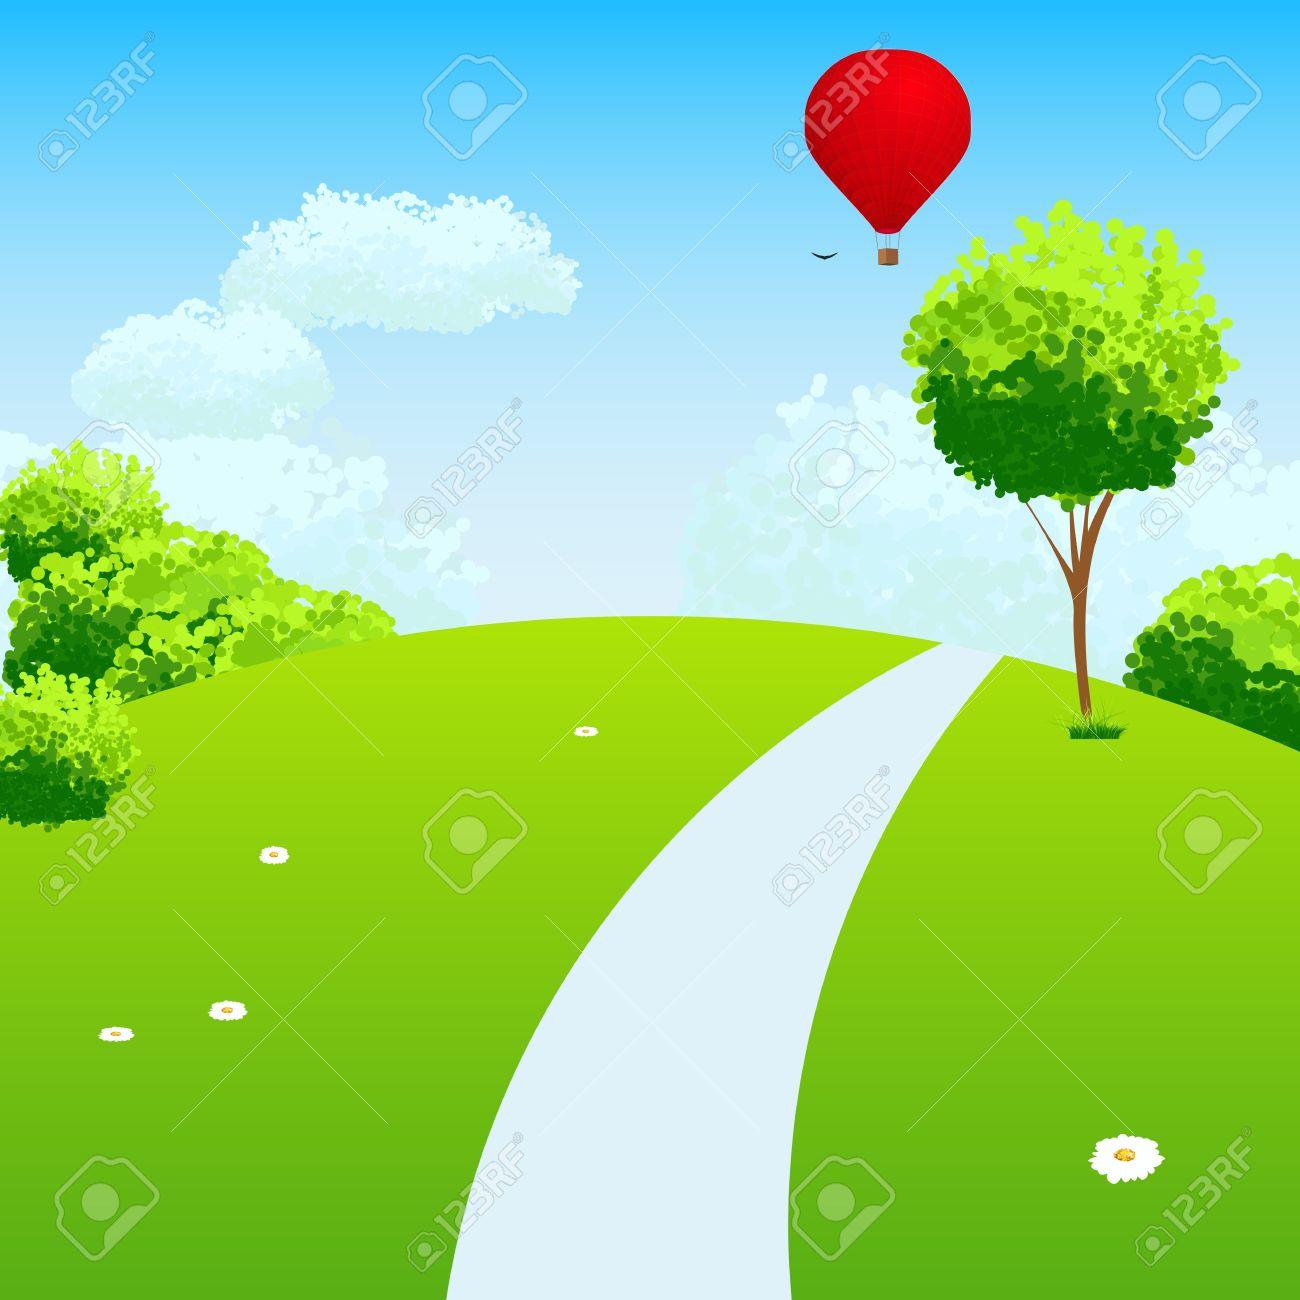 verde paisaje con rboles nubes flores y globos foto de archivo